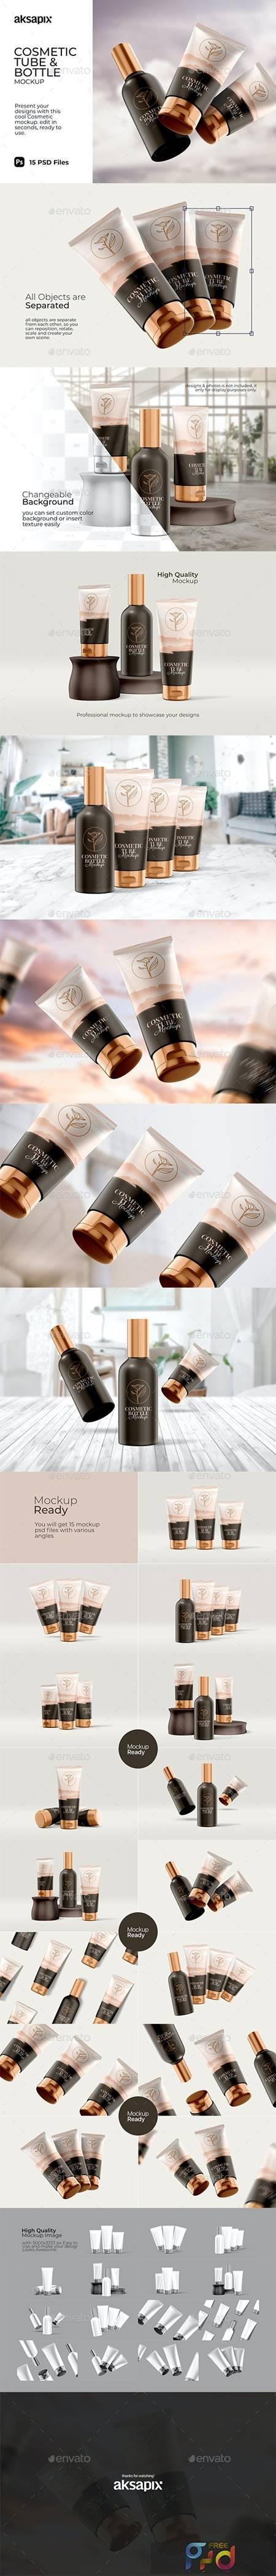 Cosmetic Tube & Bottle - Mockup 29810114 1